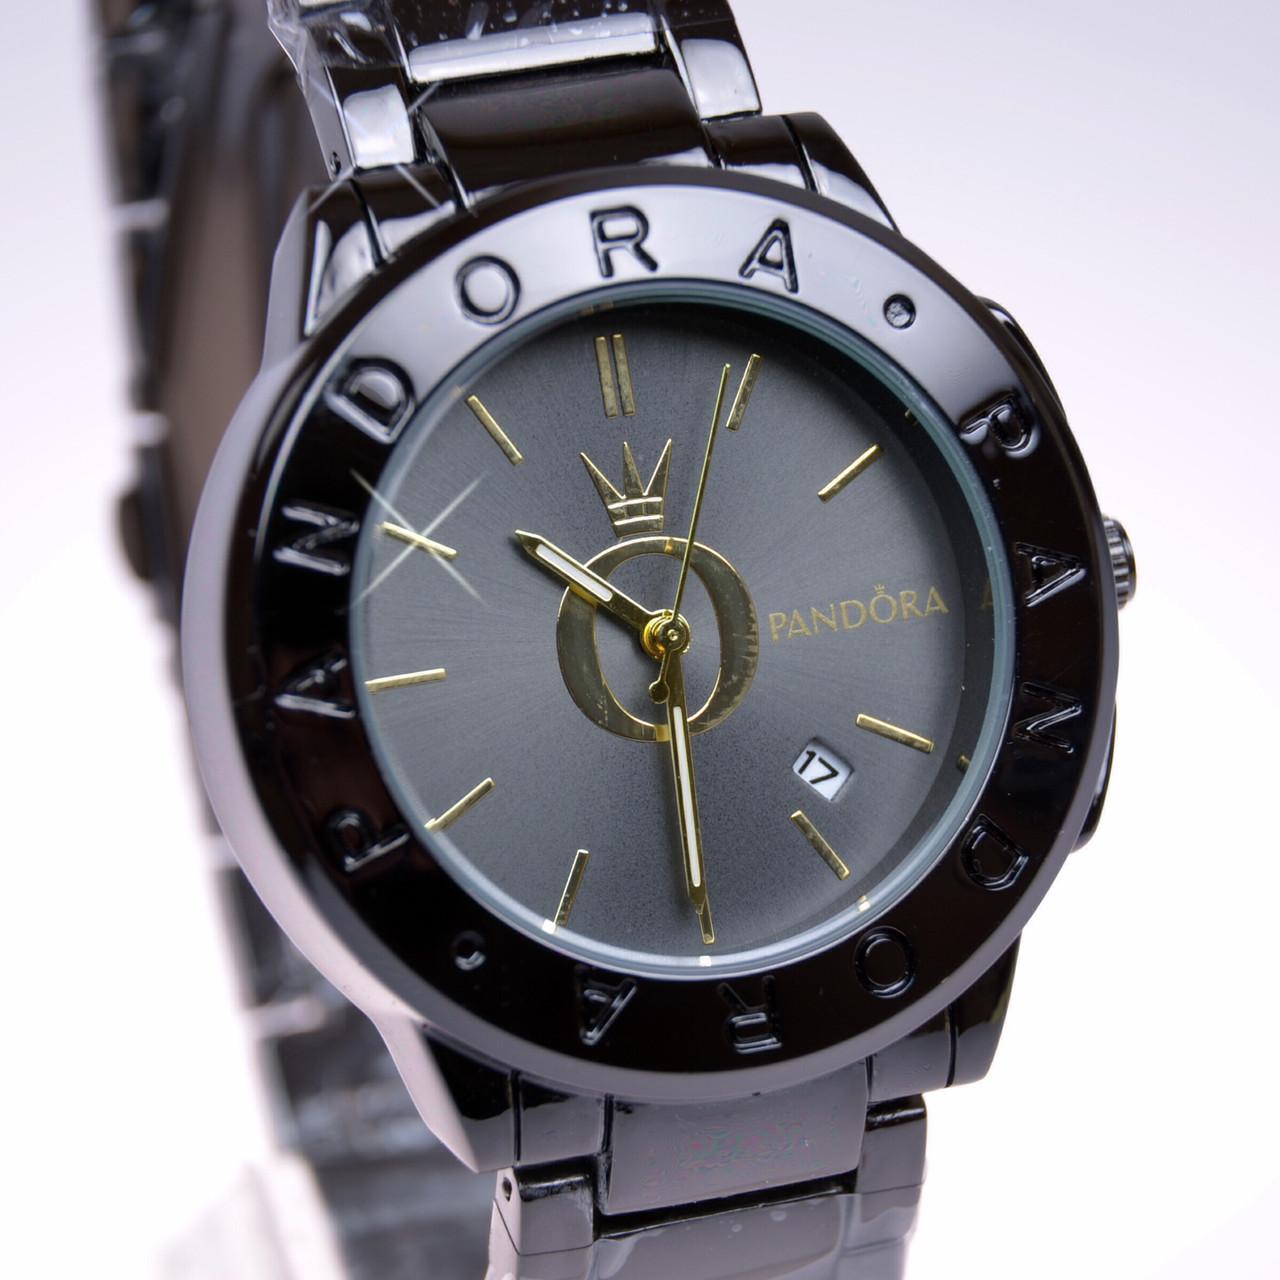 c98901955687 Женские наручные часы PANDORA (Пандора) В156 Black  продажа, цена в ...